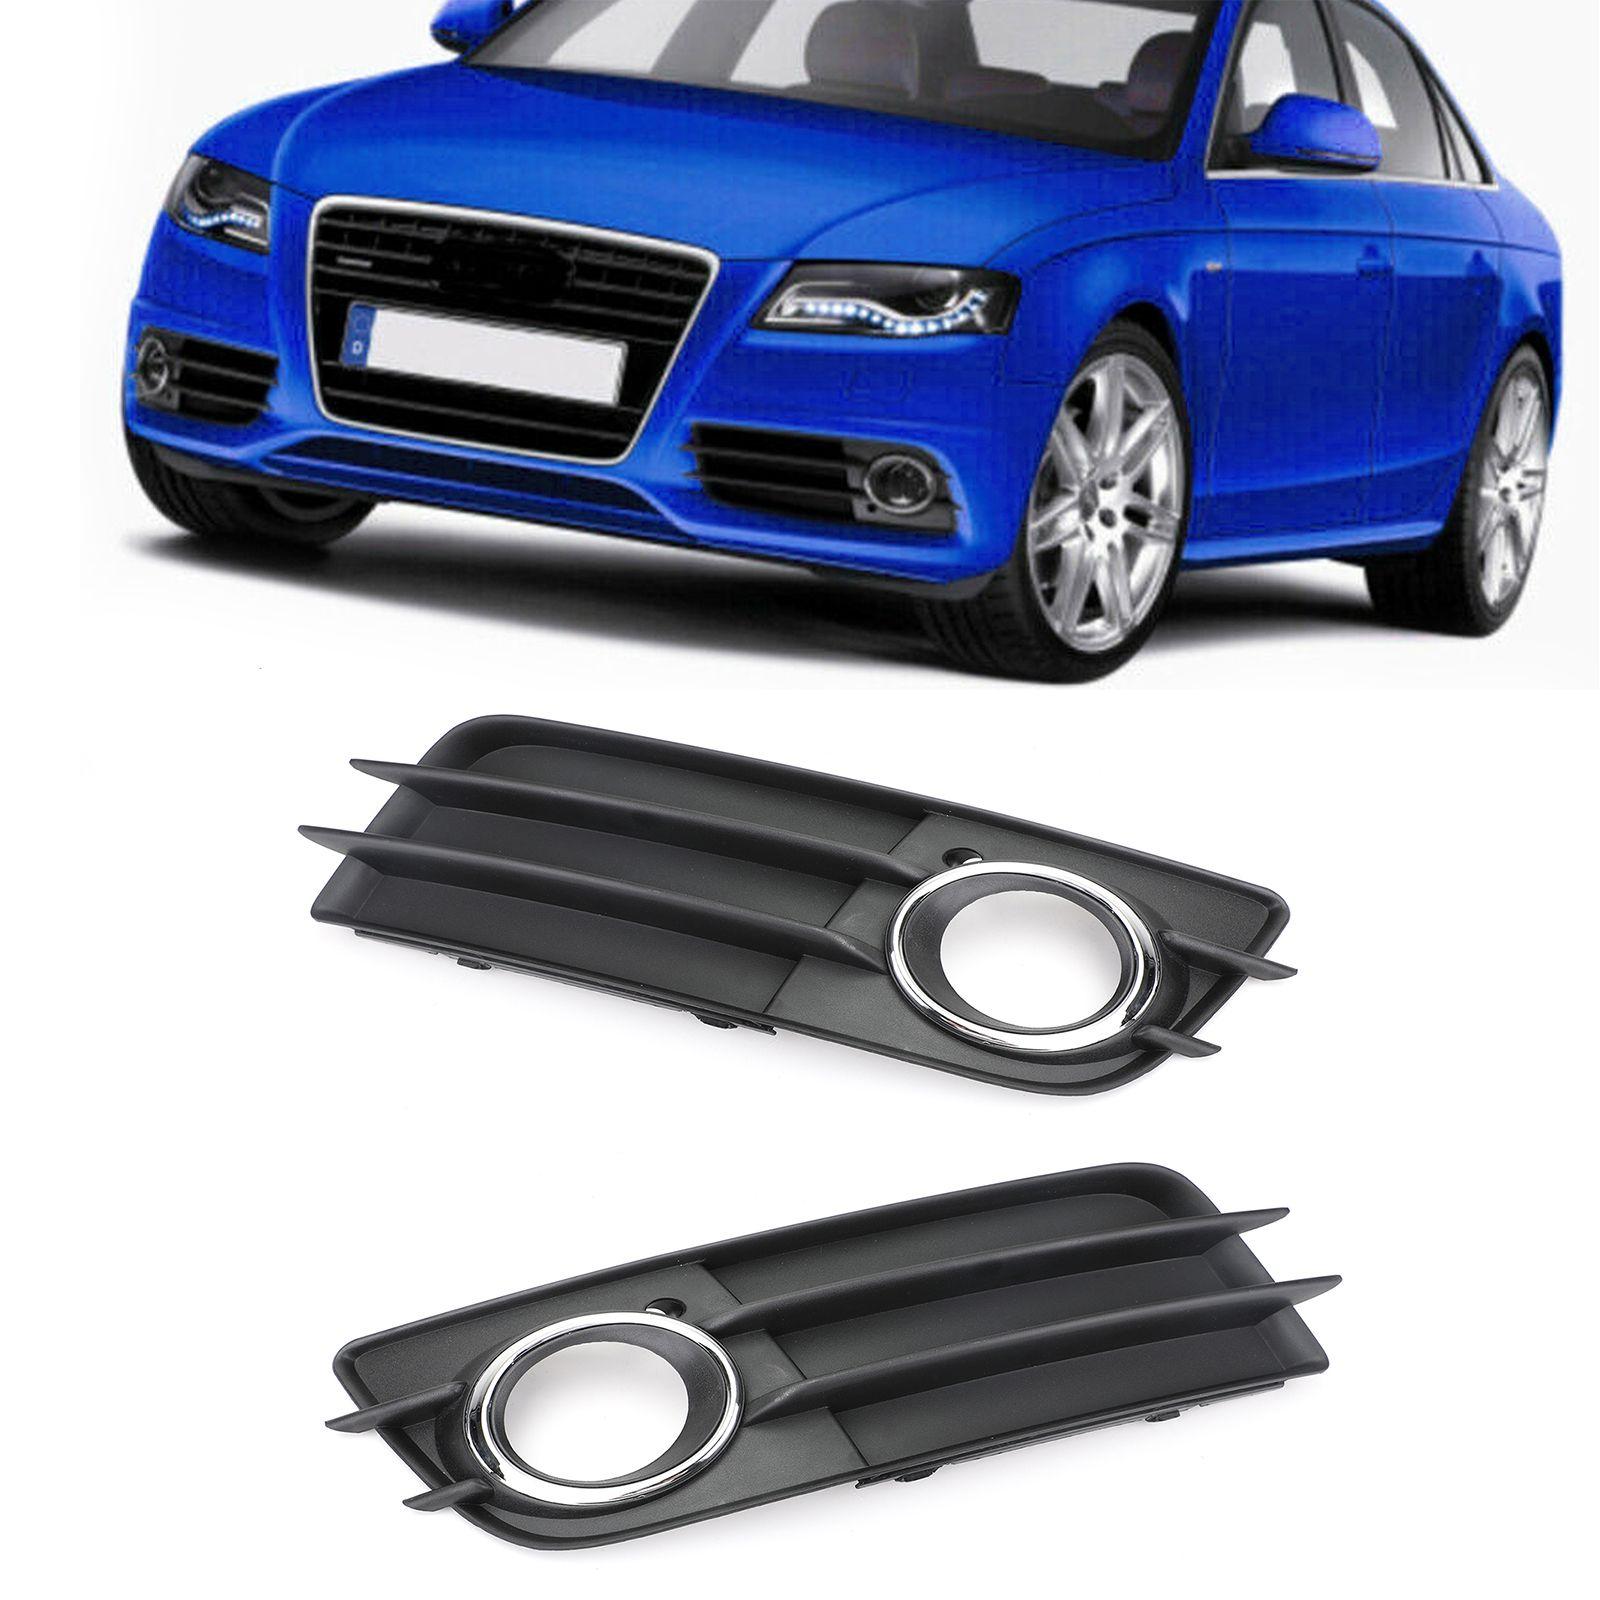 Areyourshop Auto links / rechts Nebelscheinwerfer Grill Chrom-Ring Auto gepasst für Audi A4 S-LINE S4 2008-2012 Auto Auto Zubehör Teile